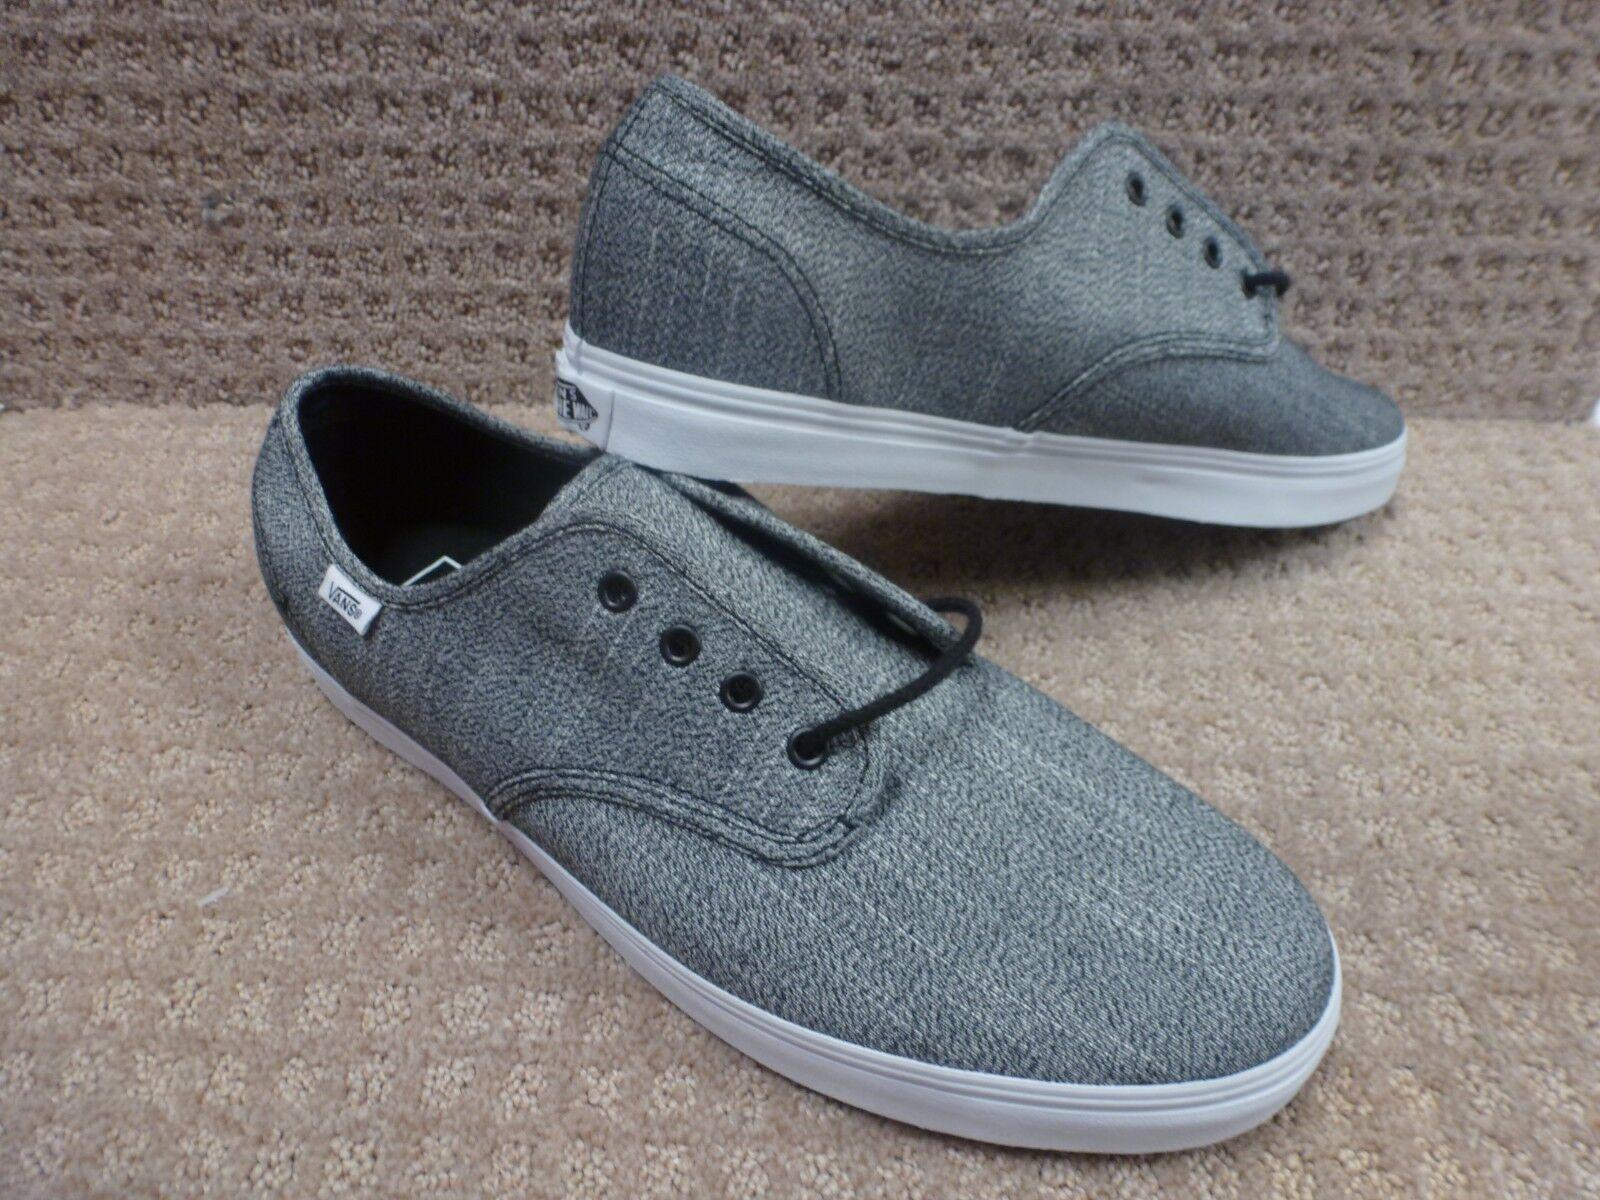 Vans Men's shoes  Madero  (Suiting Grindle) Black T , Size 12